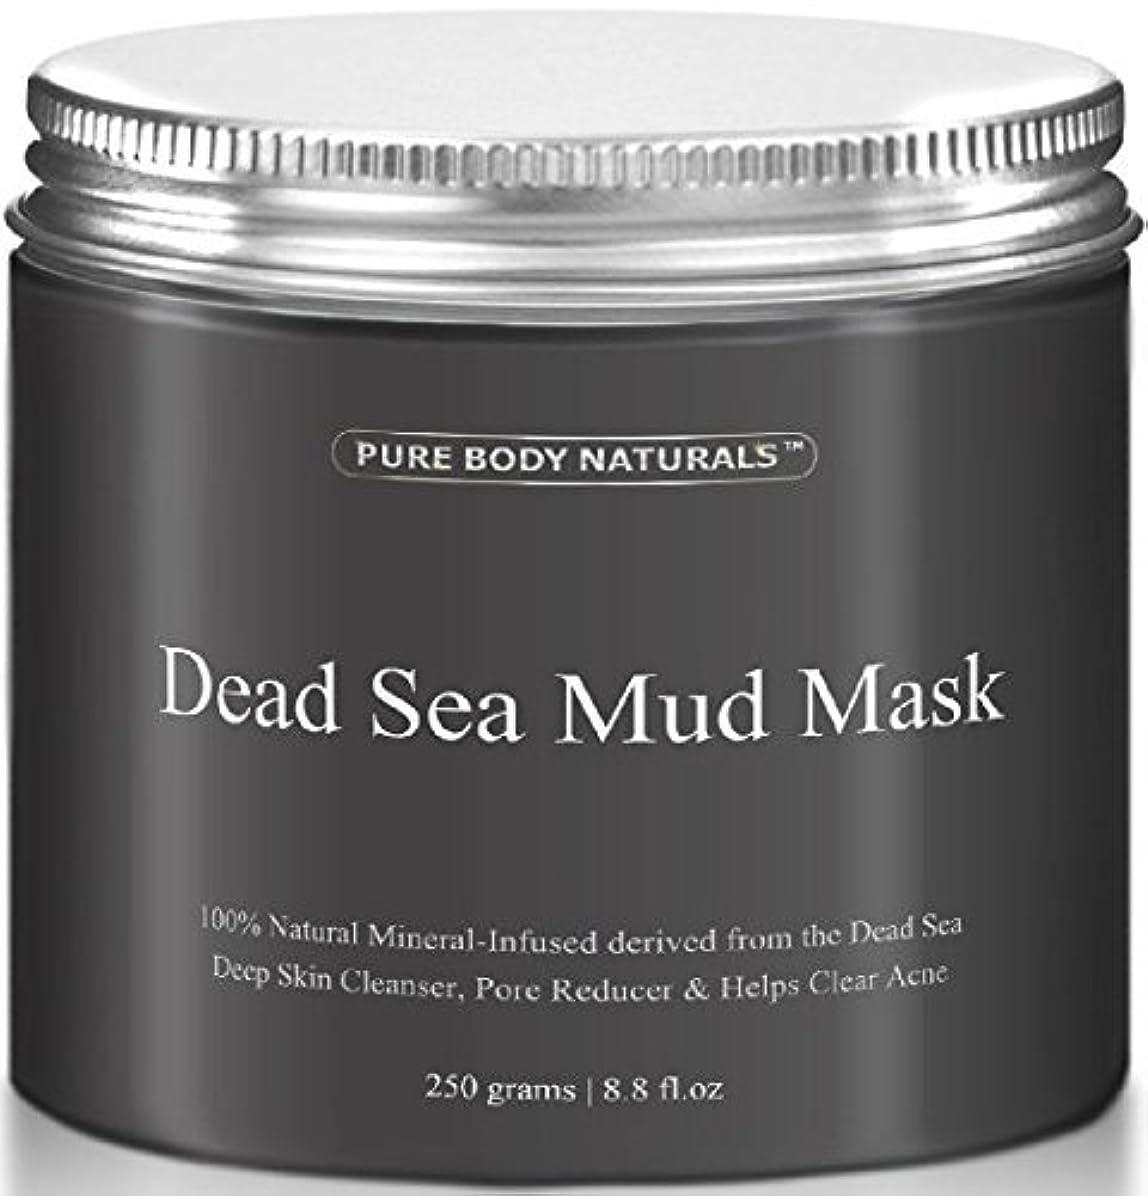 スマートいう黙認するDead Sea Mud Mask 死海の泥マスク 250g [並行輸入品]